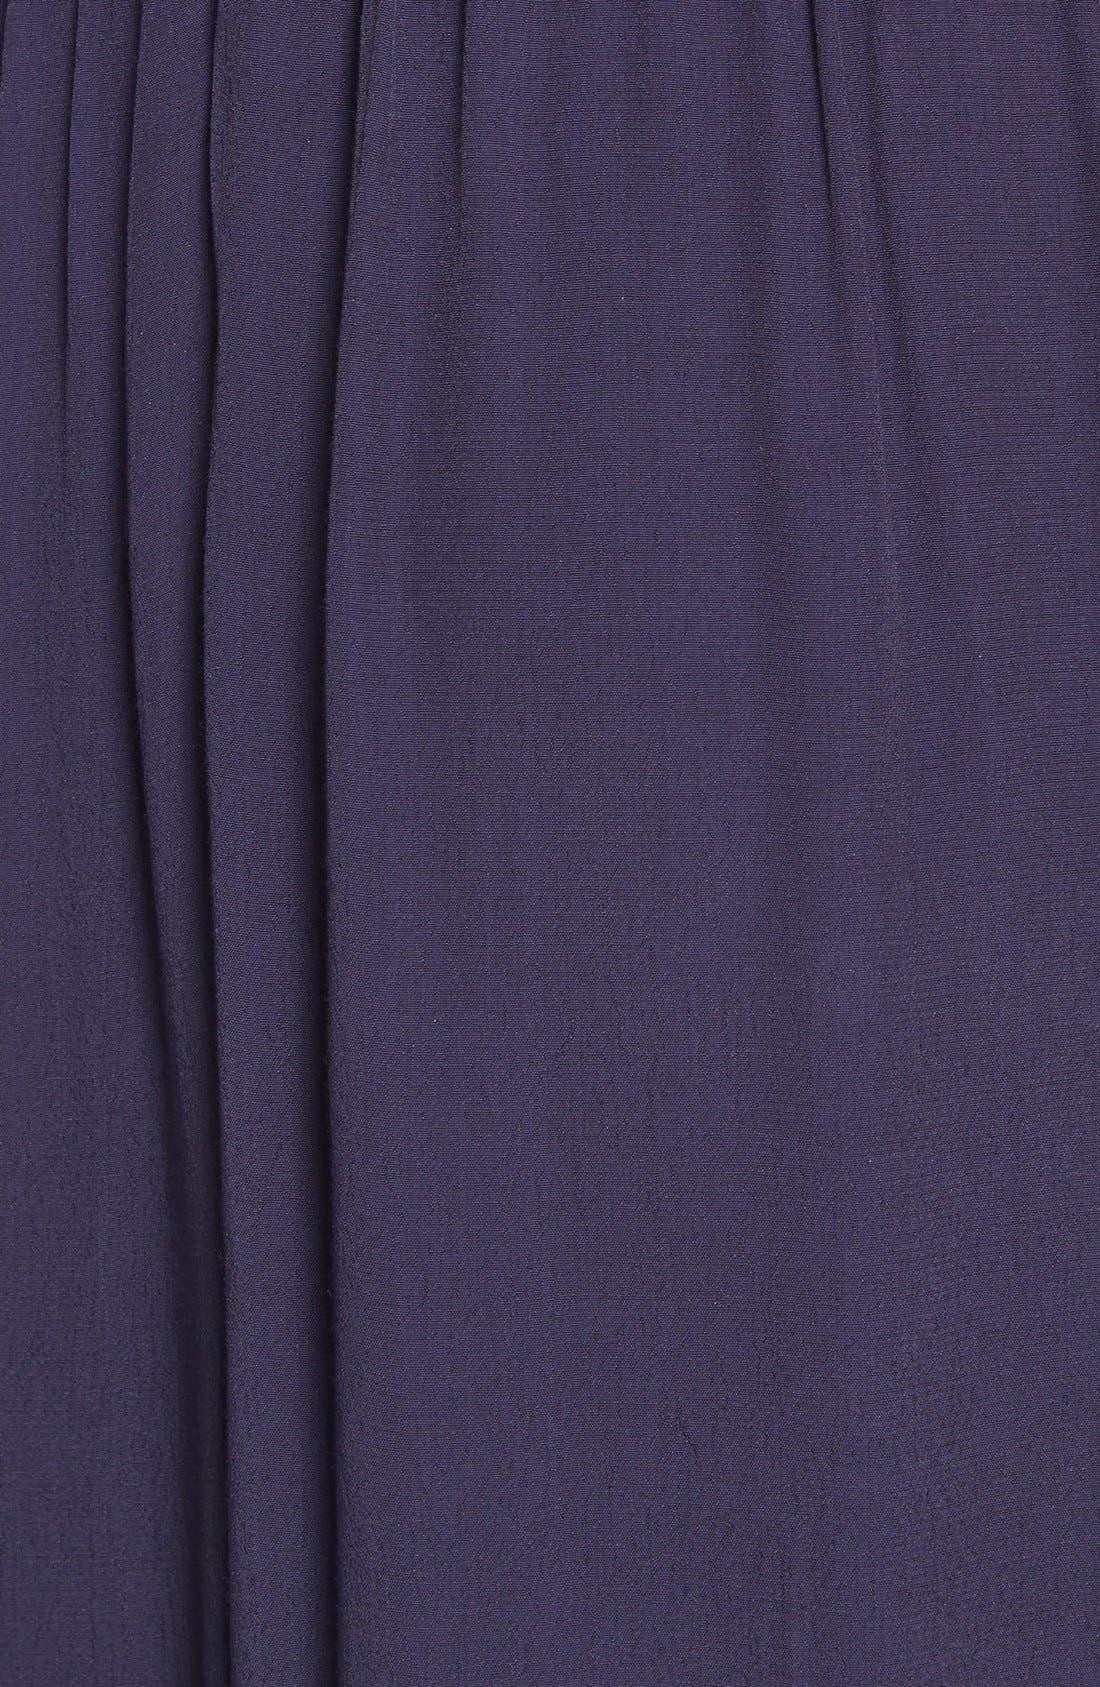 Alternate Image 3  - ASTR Sequin Bodice Cutout Back Maxi Dress